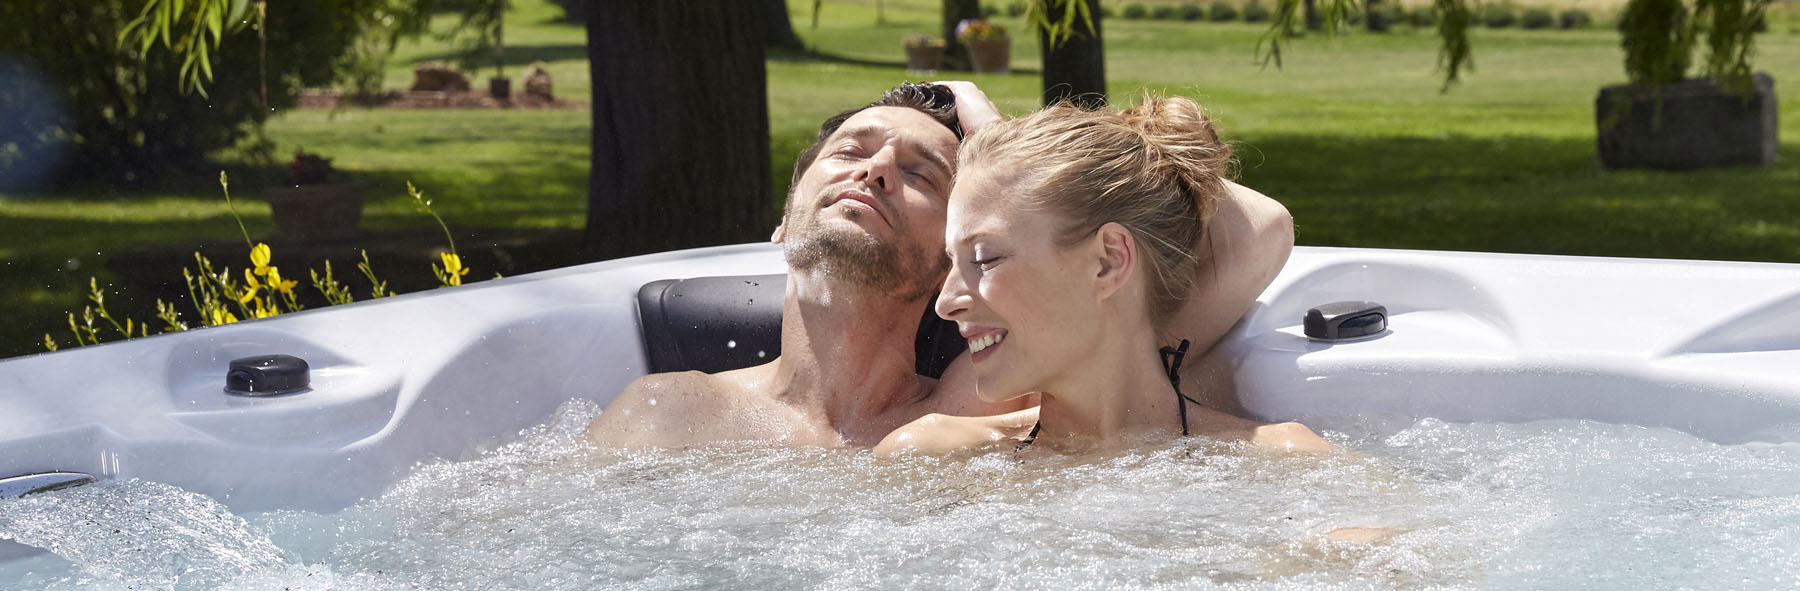 Où acheter un spa à Montélimar dans la Drôme Provençale